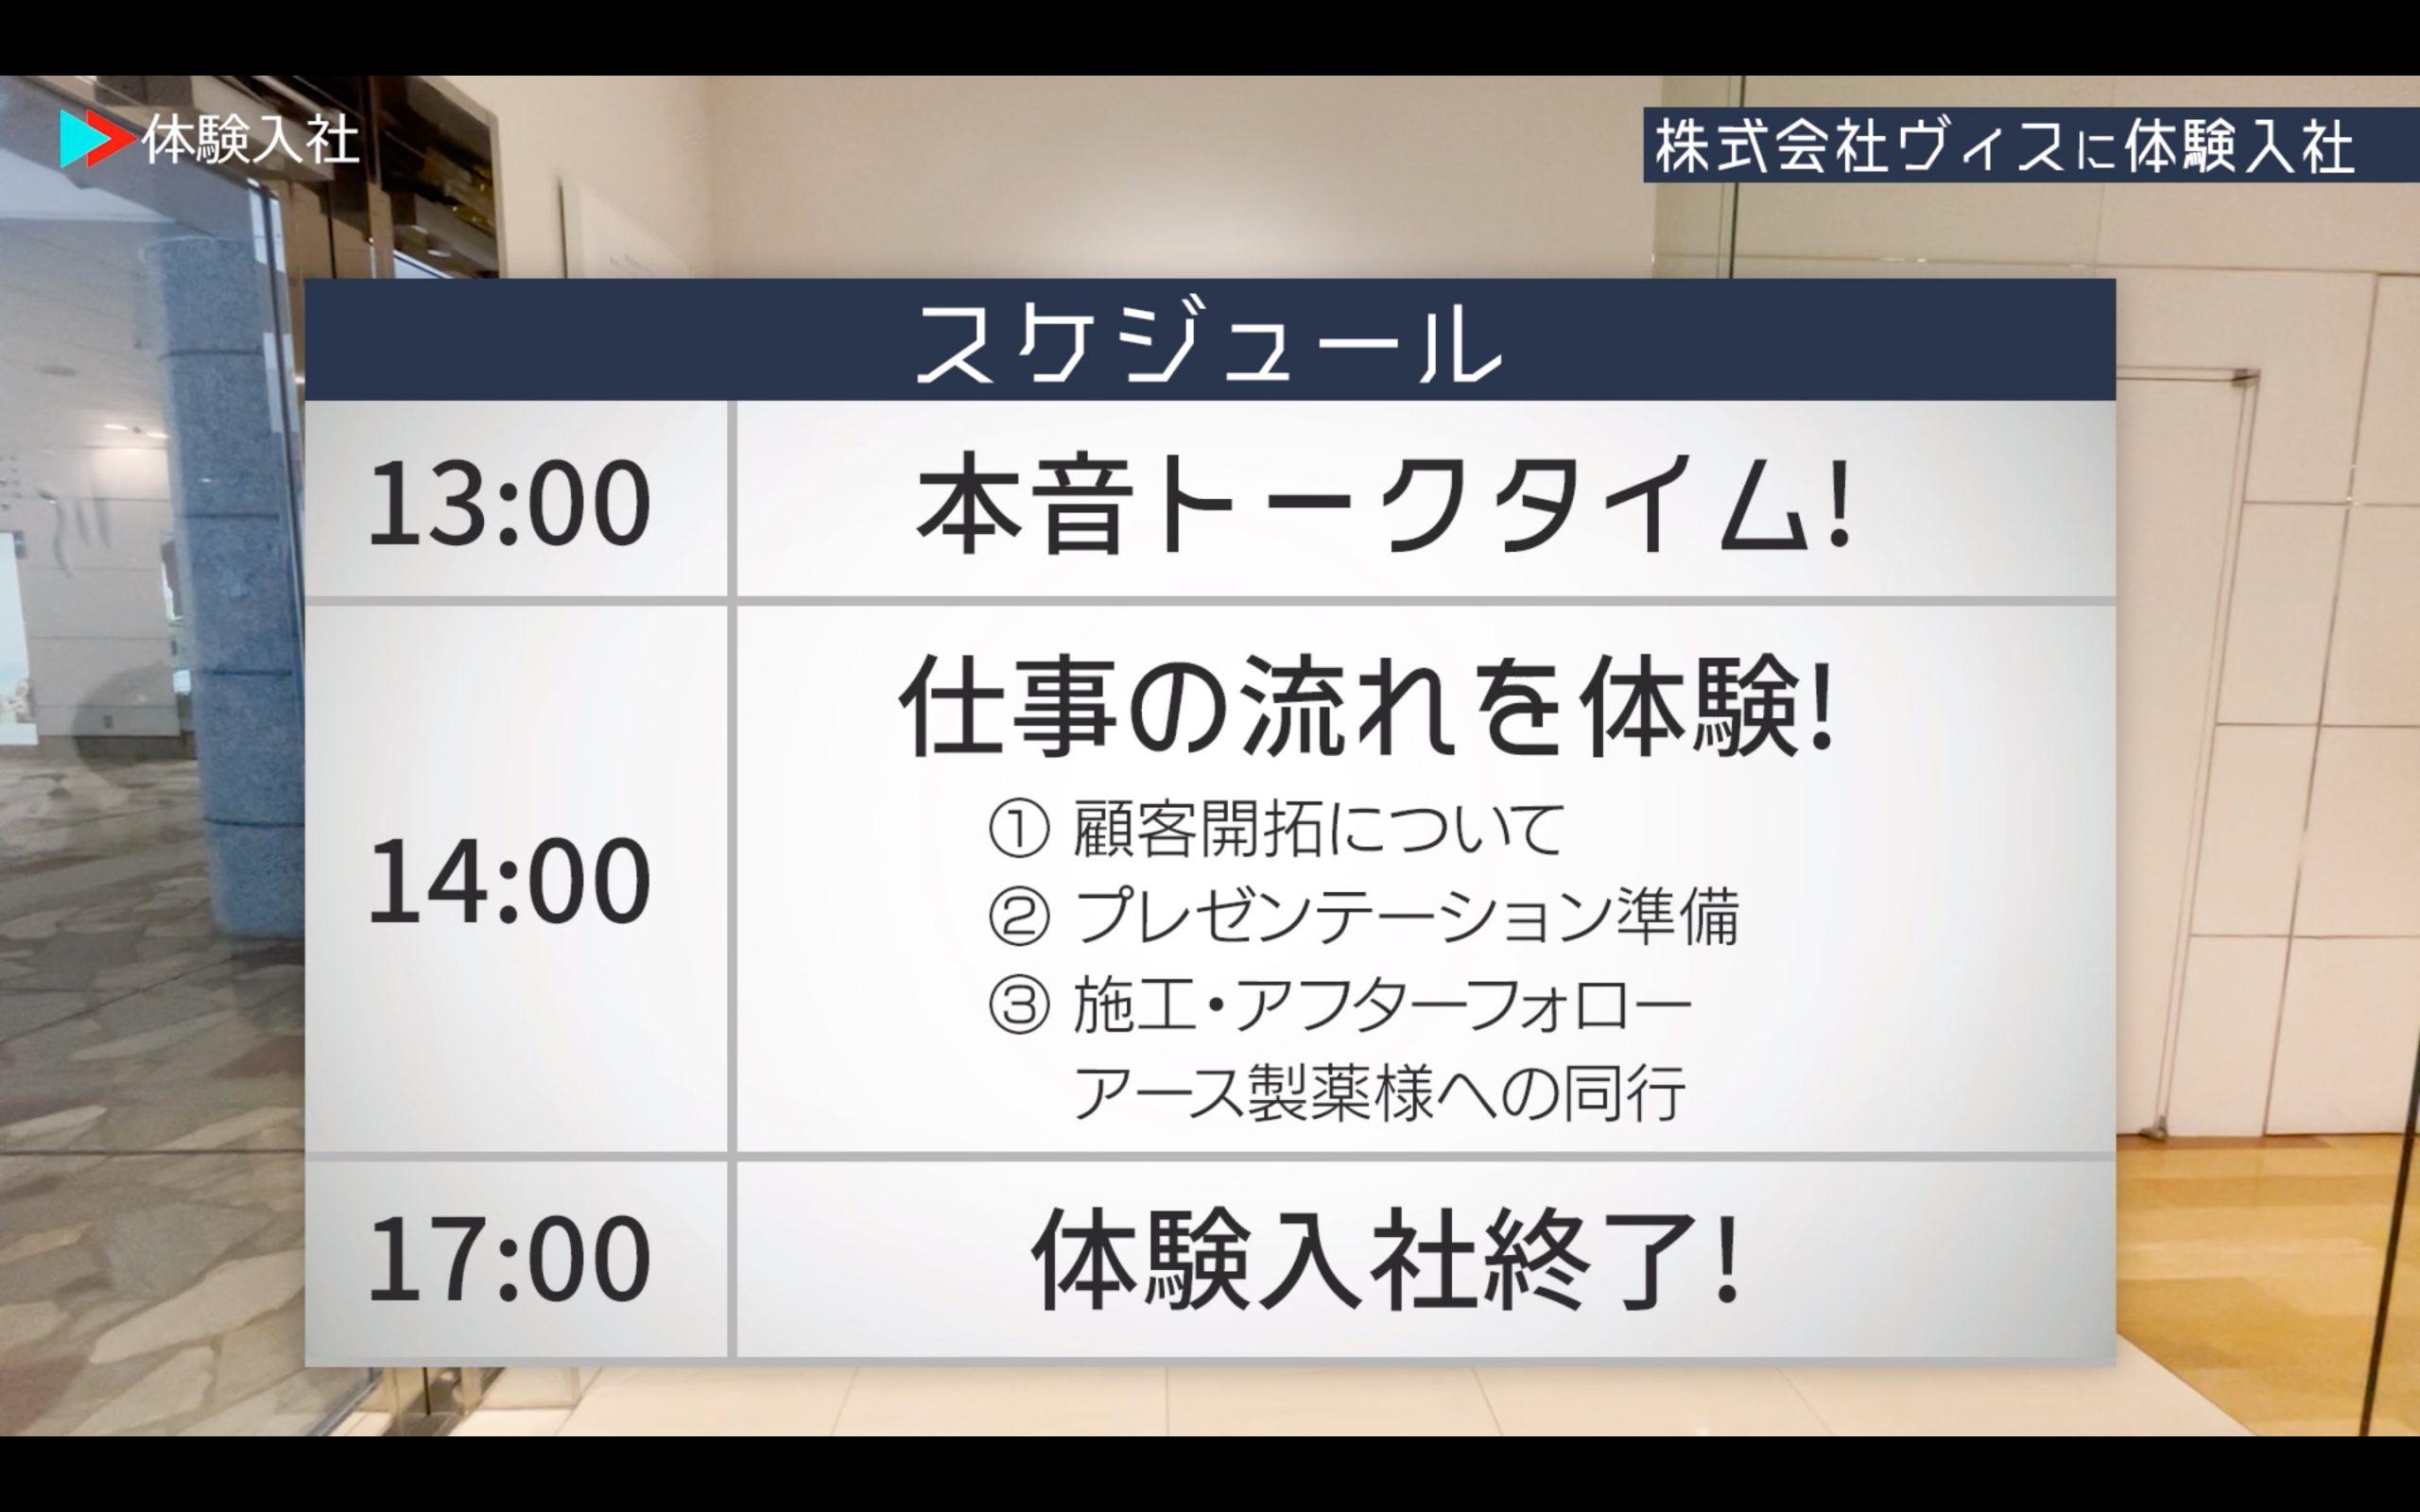 株式会社ヴィス体験入社スケジュール